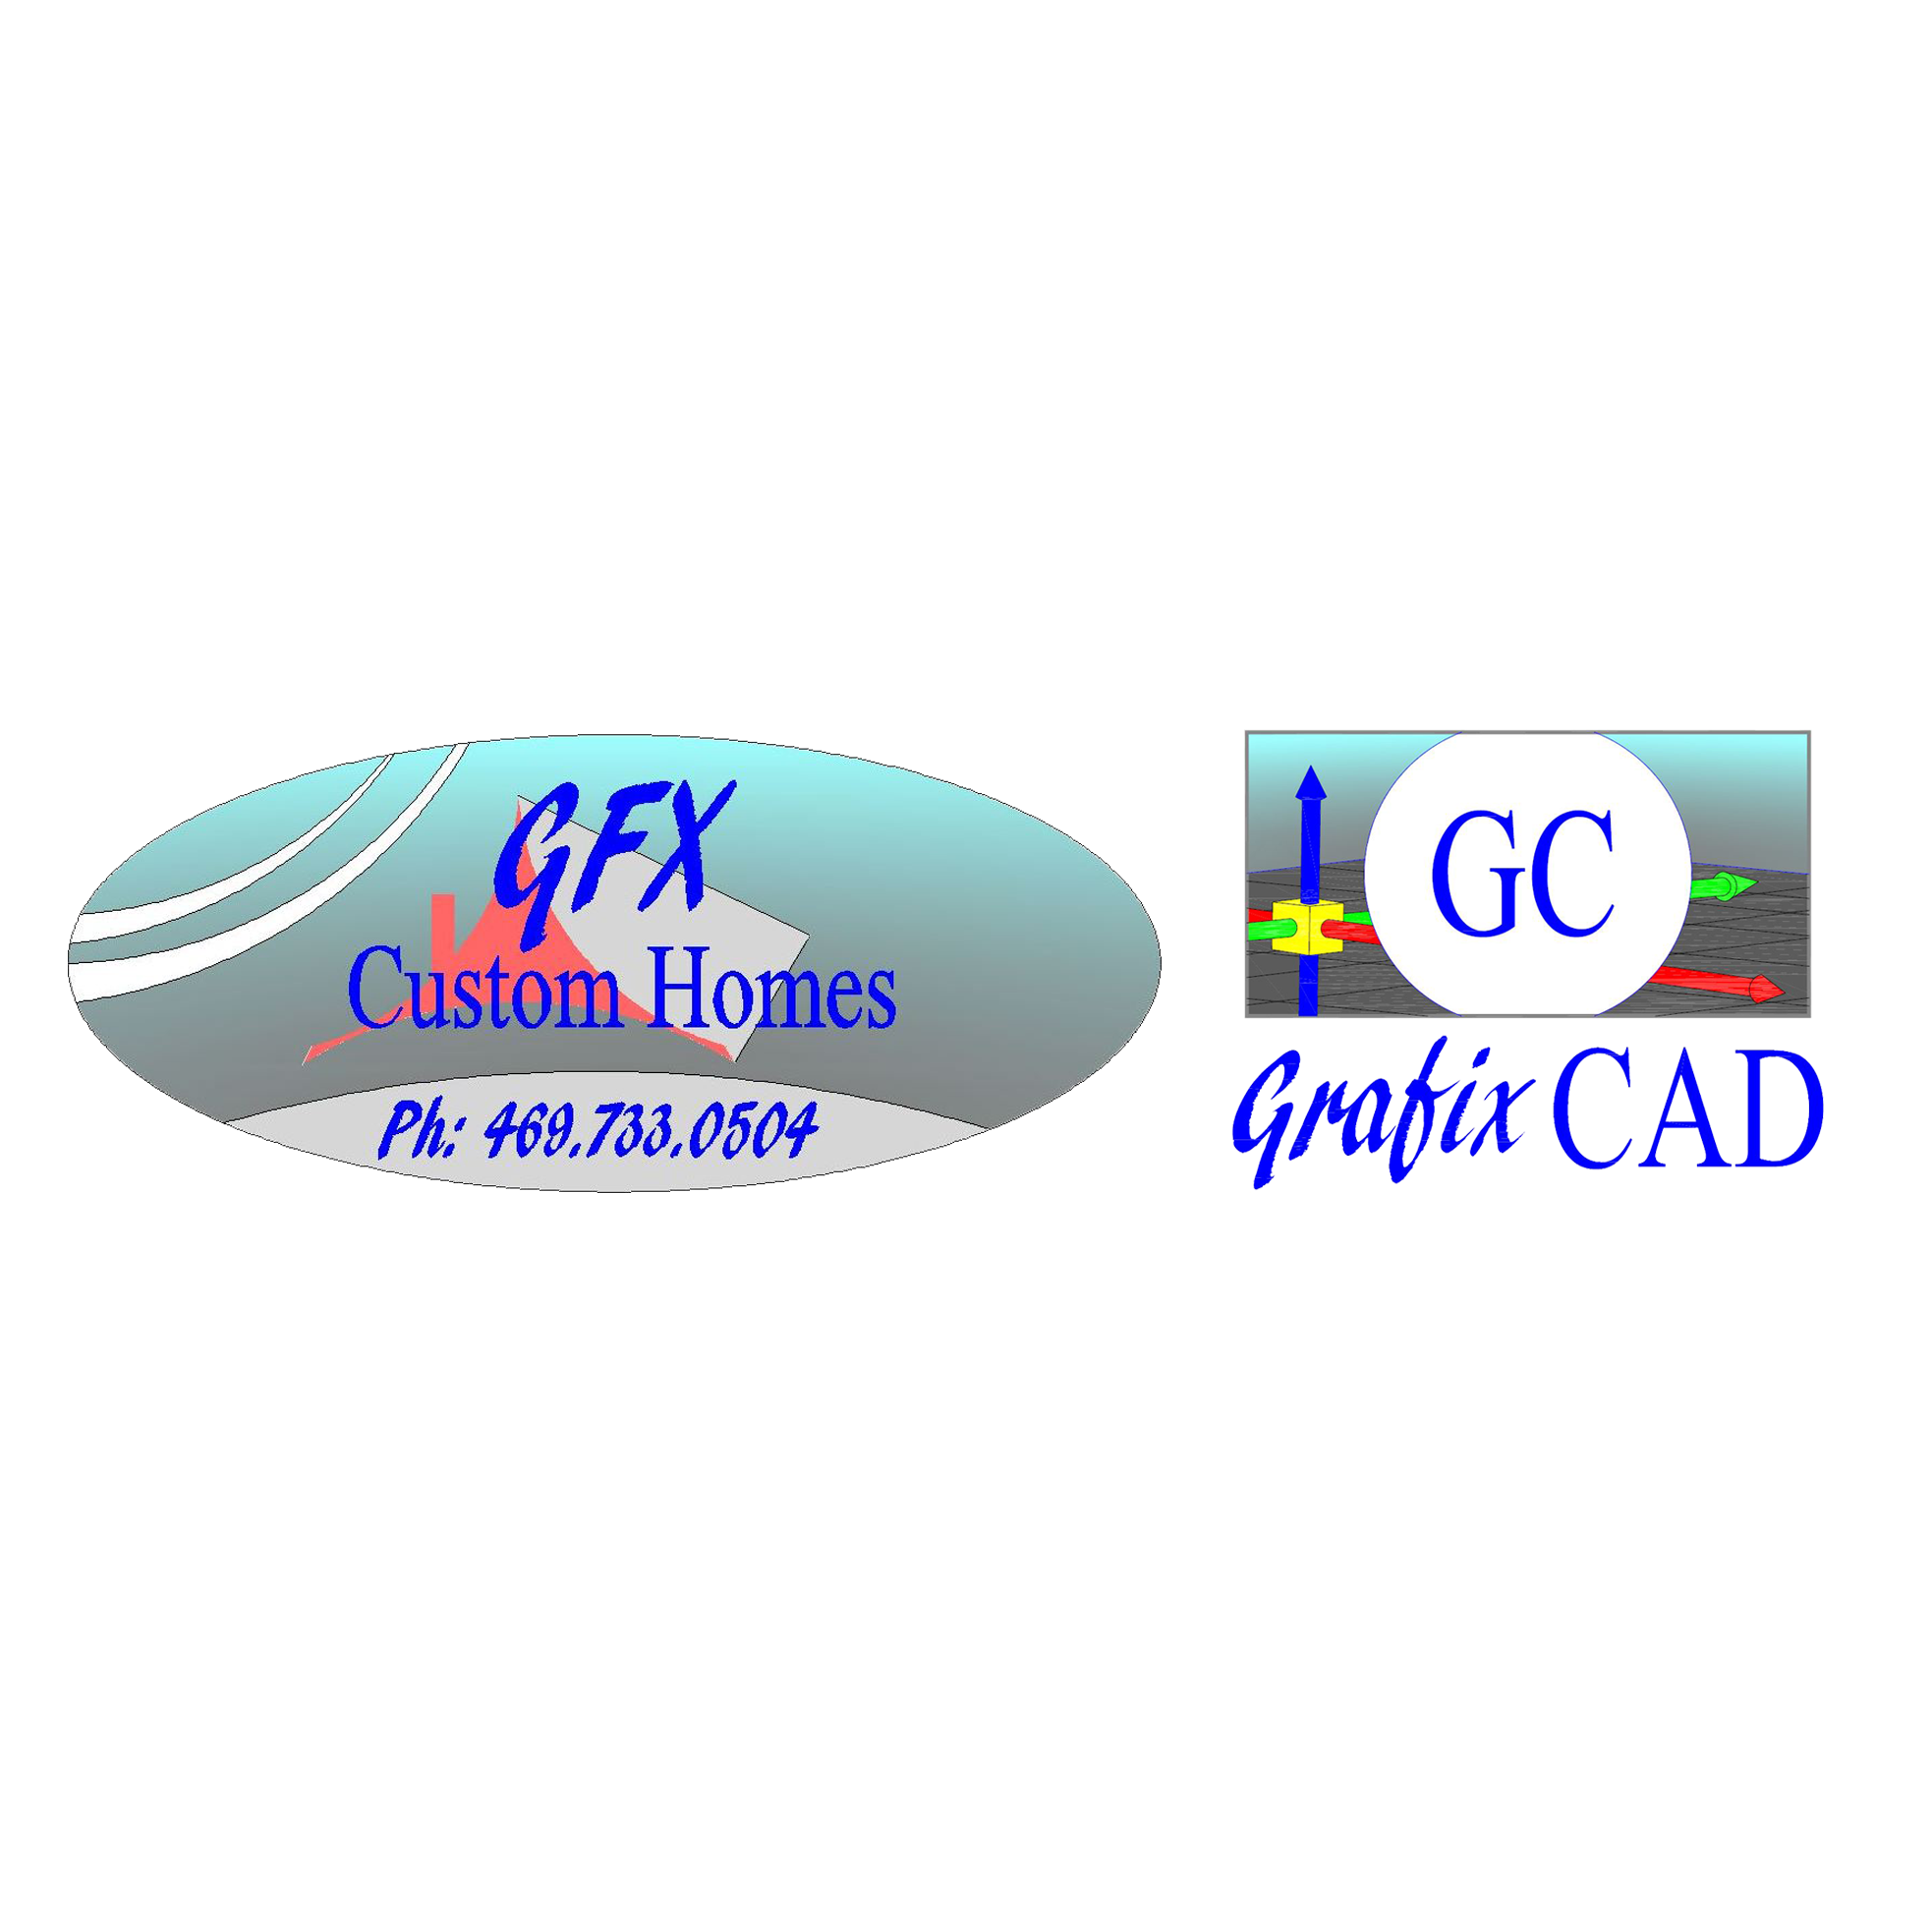 GFX Custom Homes